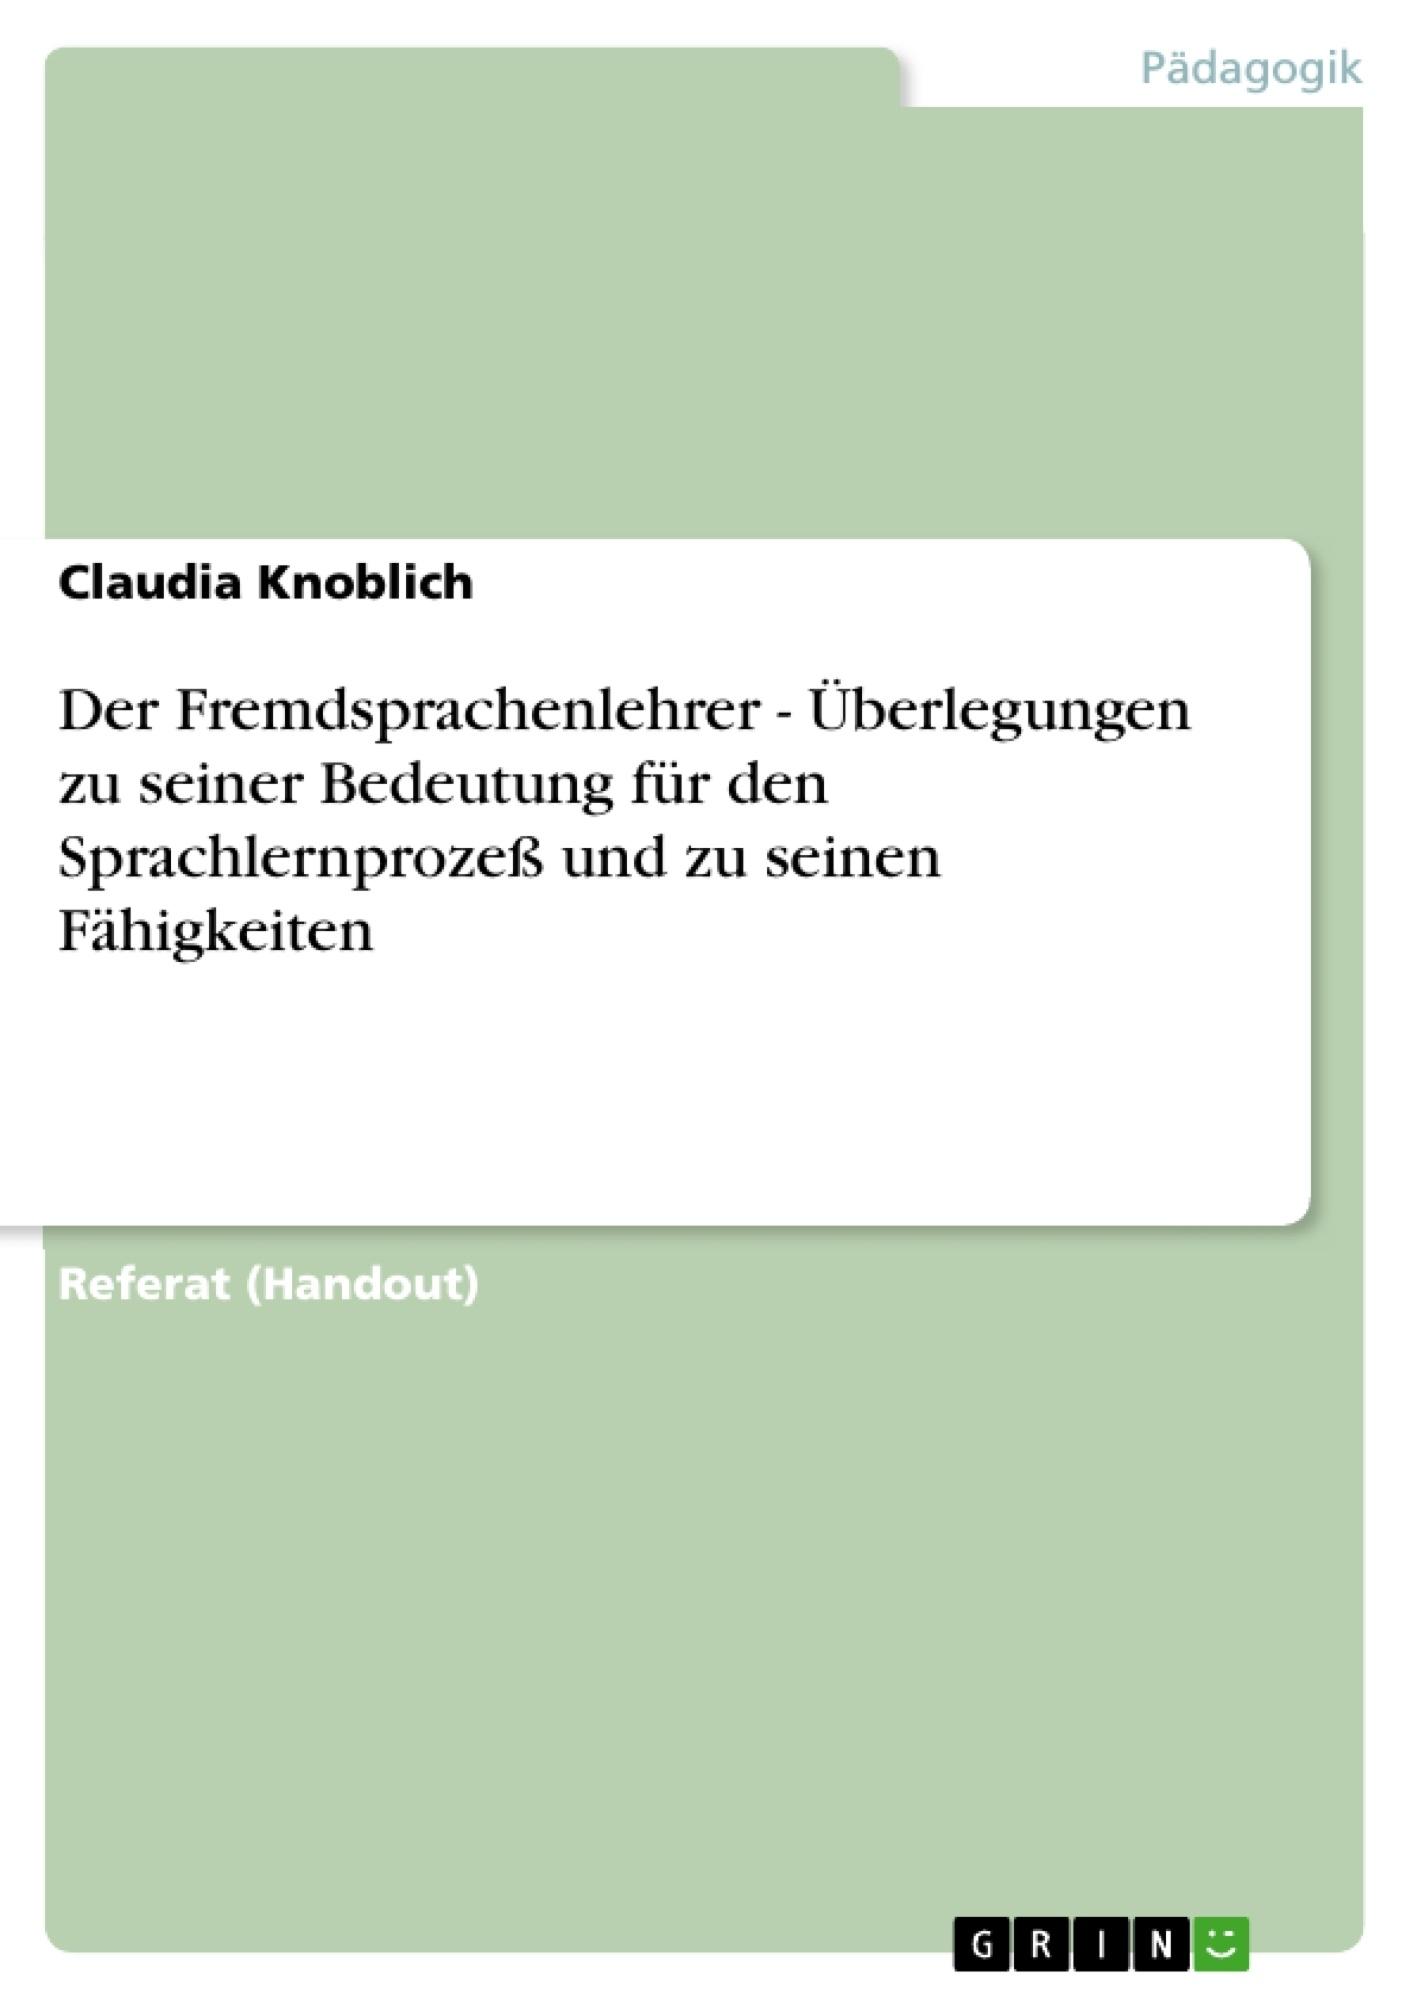 Titel: Der Fremdsprachenlehrer - Überlegungen zu seiner Bedeutung für den Sprachlernprozeß und zu seinen Fähigkeiten